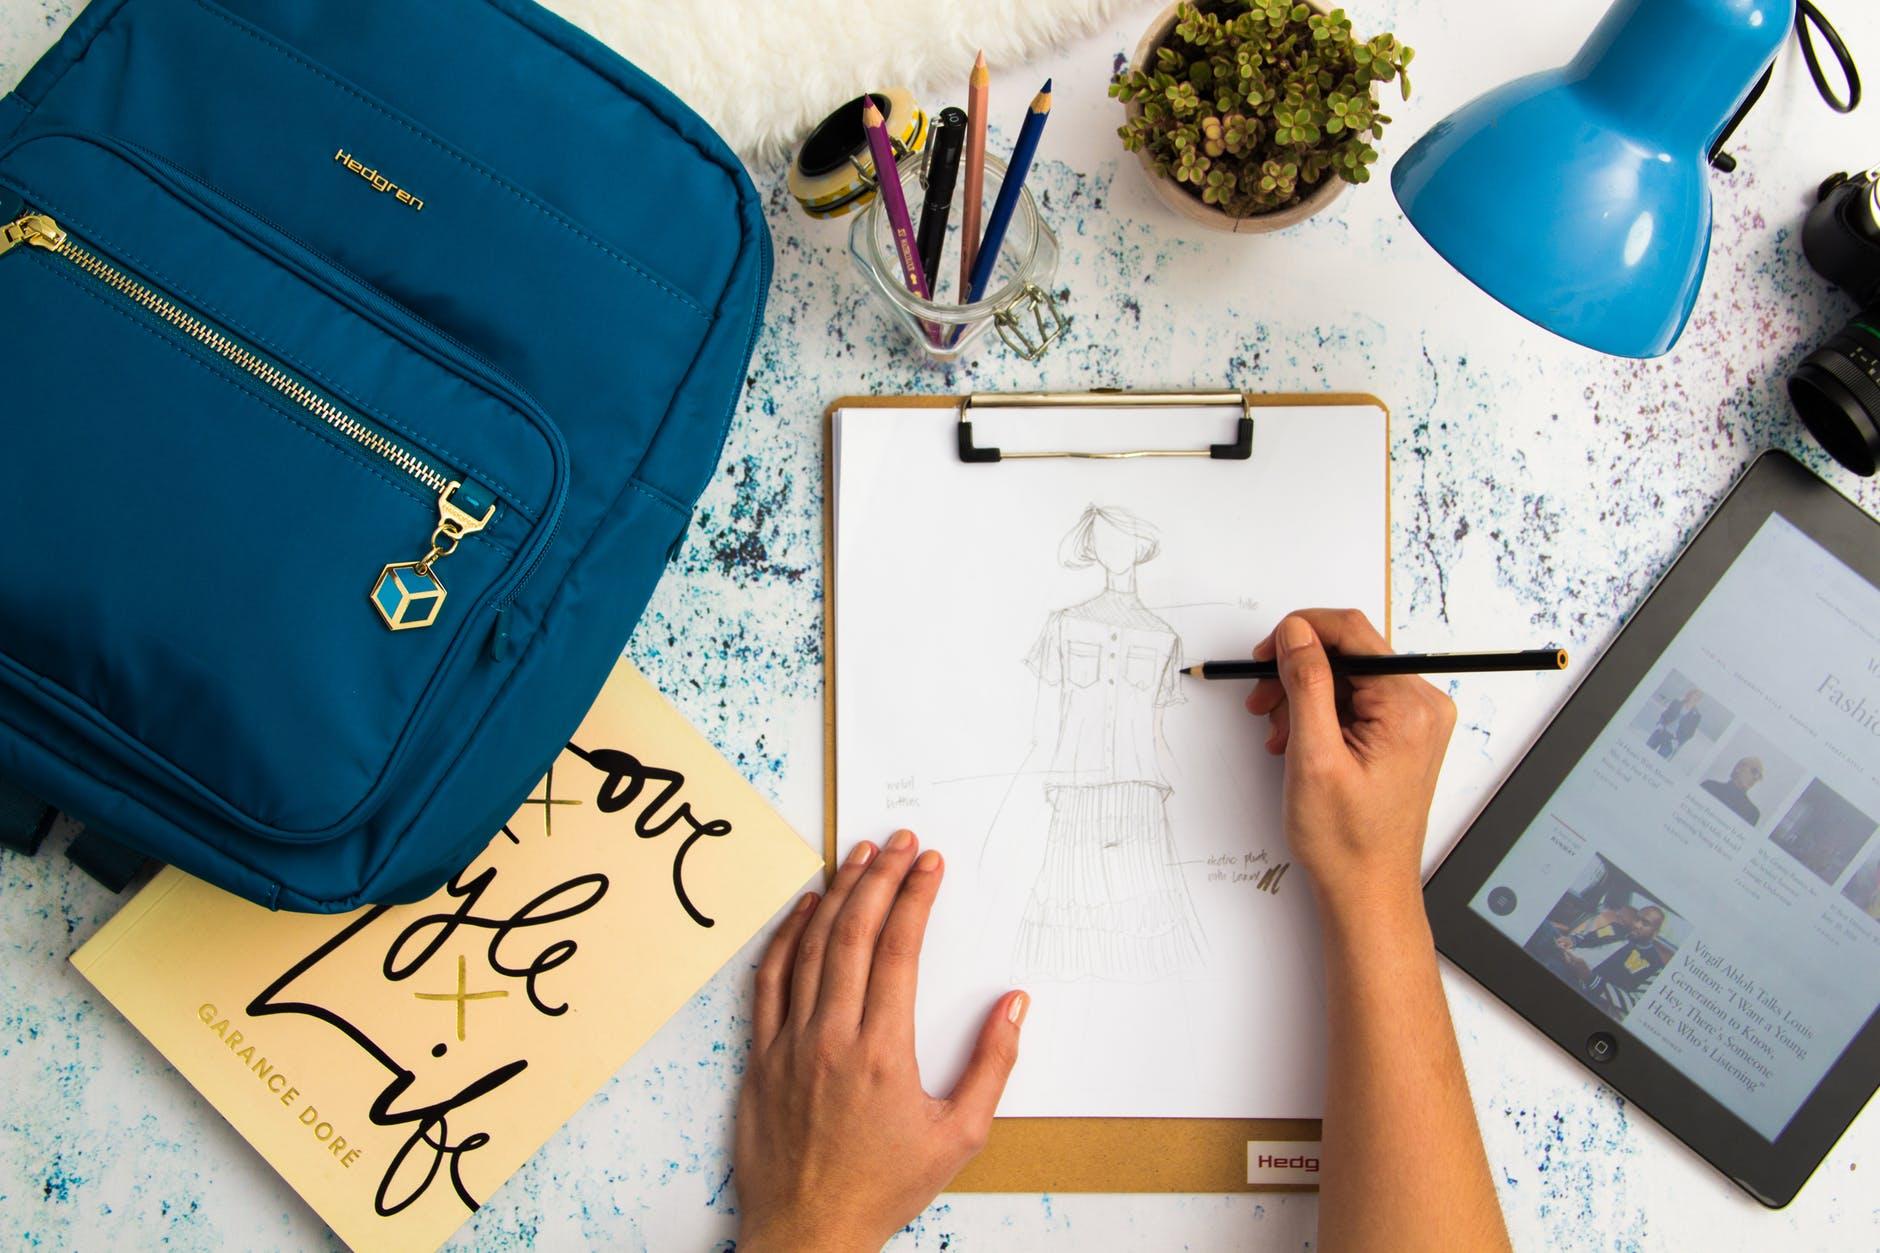 praktikums modedesign